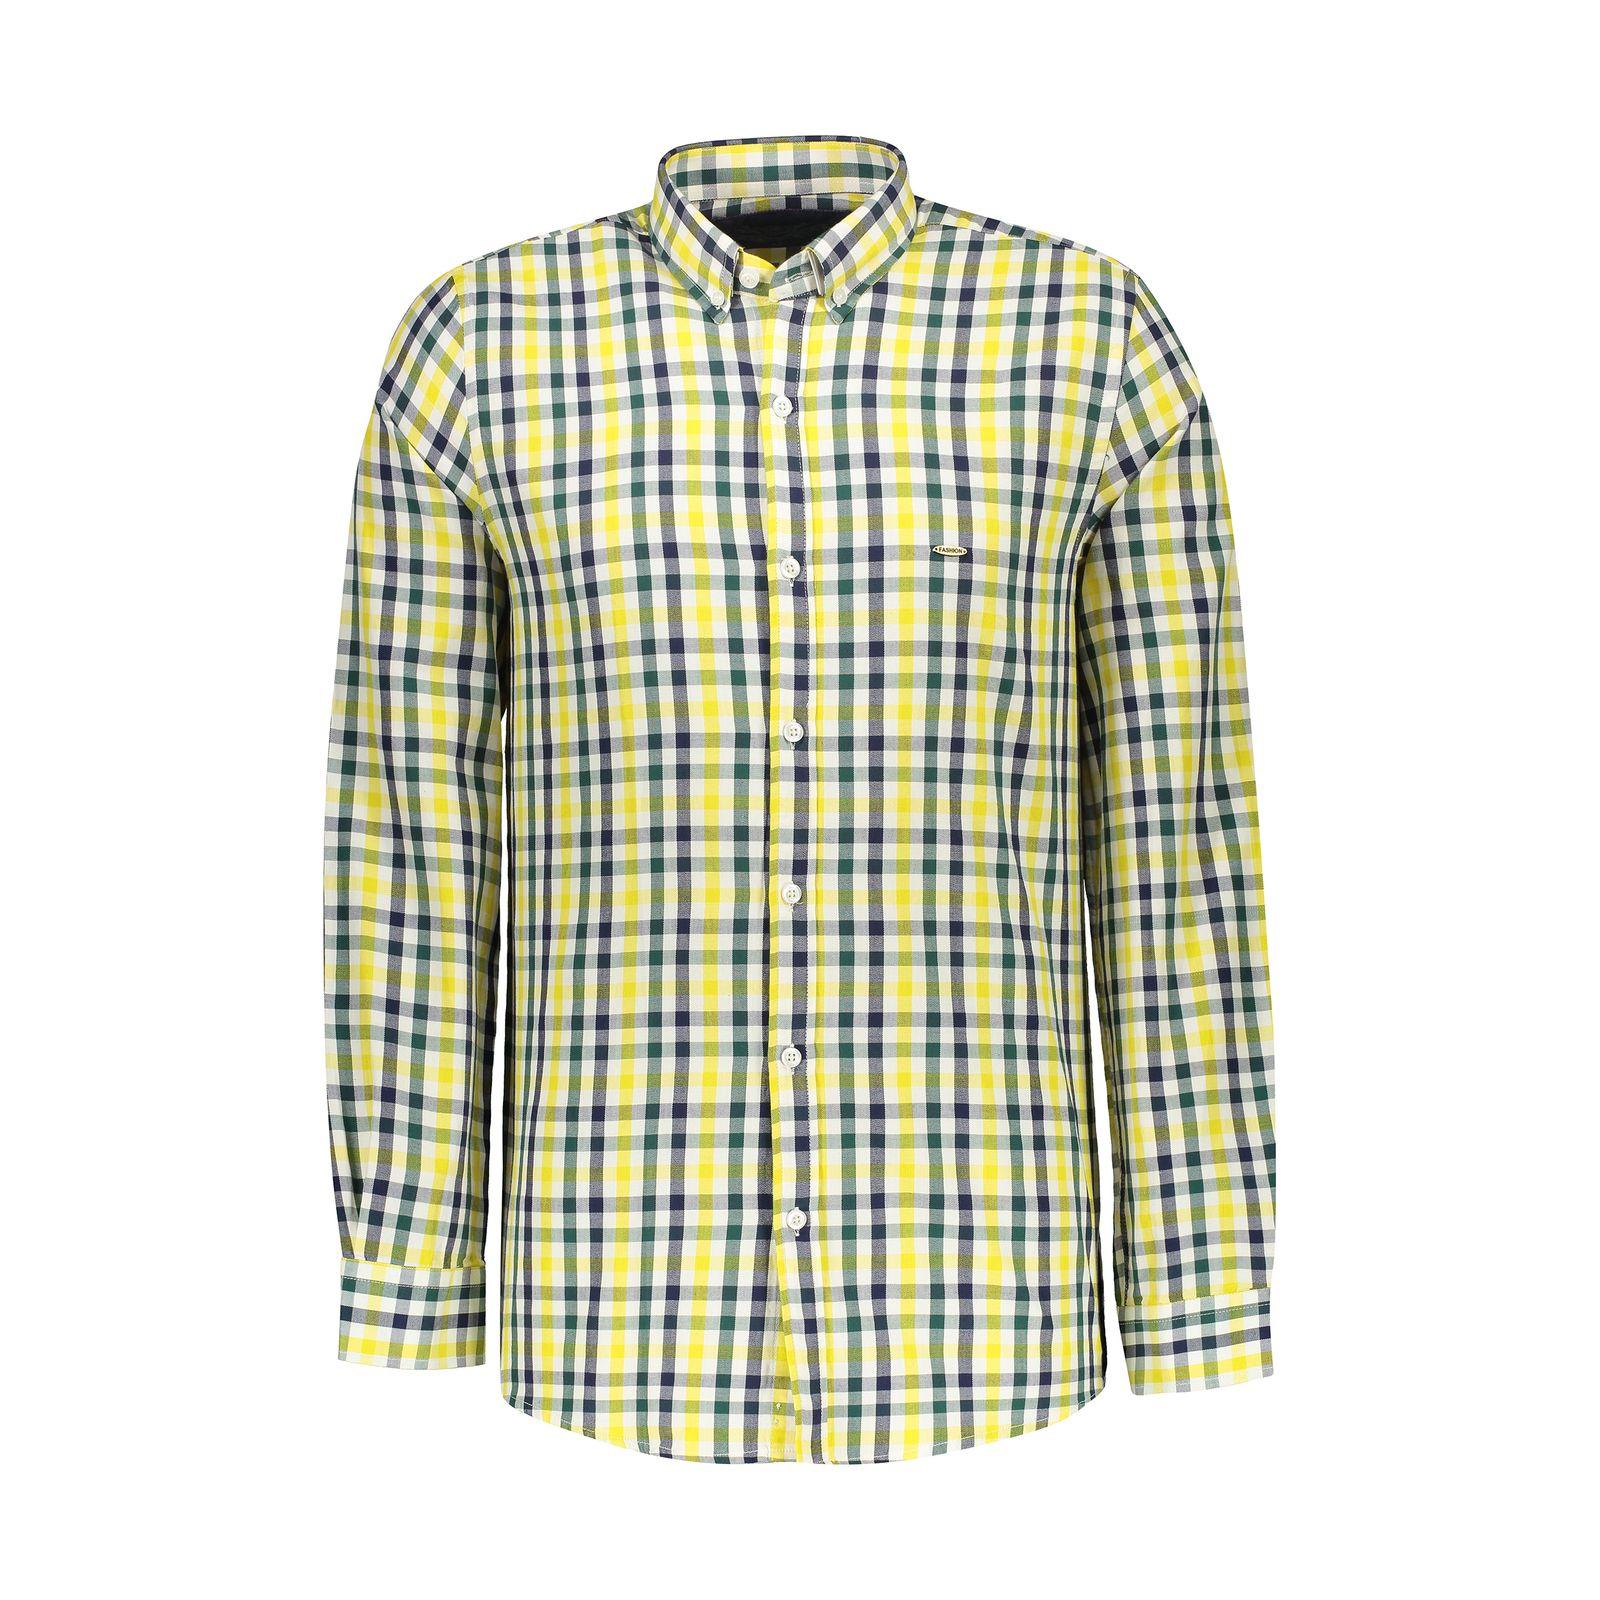 پیراهن مردانه پاتن جامه کد 99MR8691 -  - 2